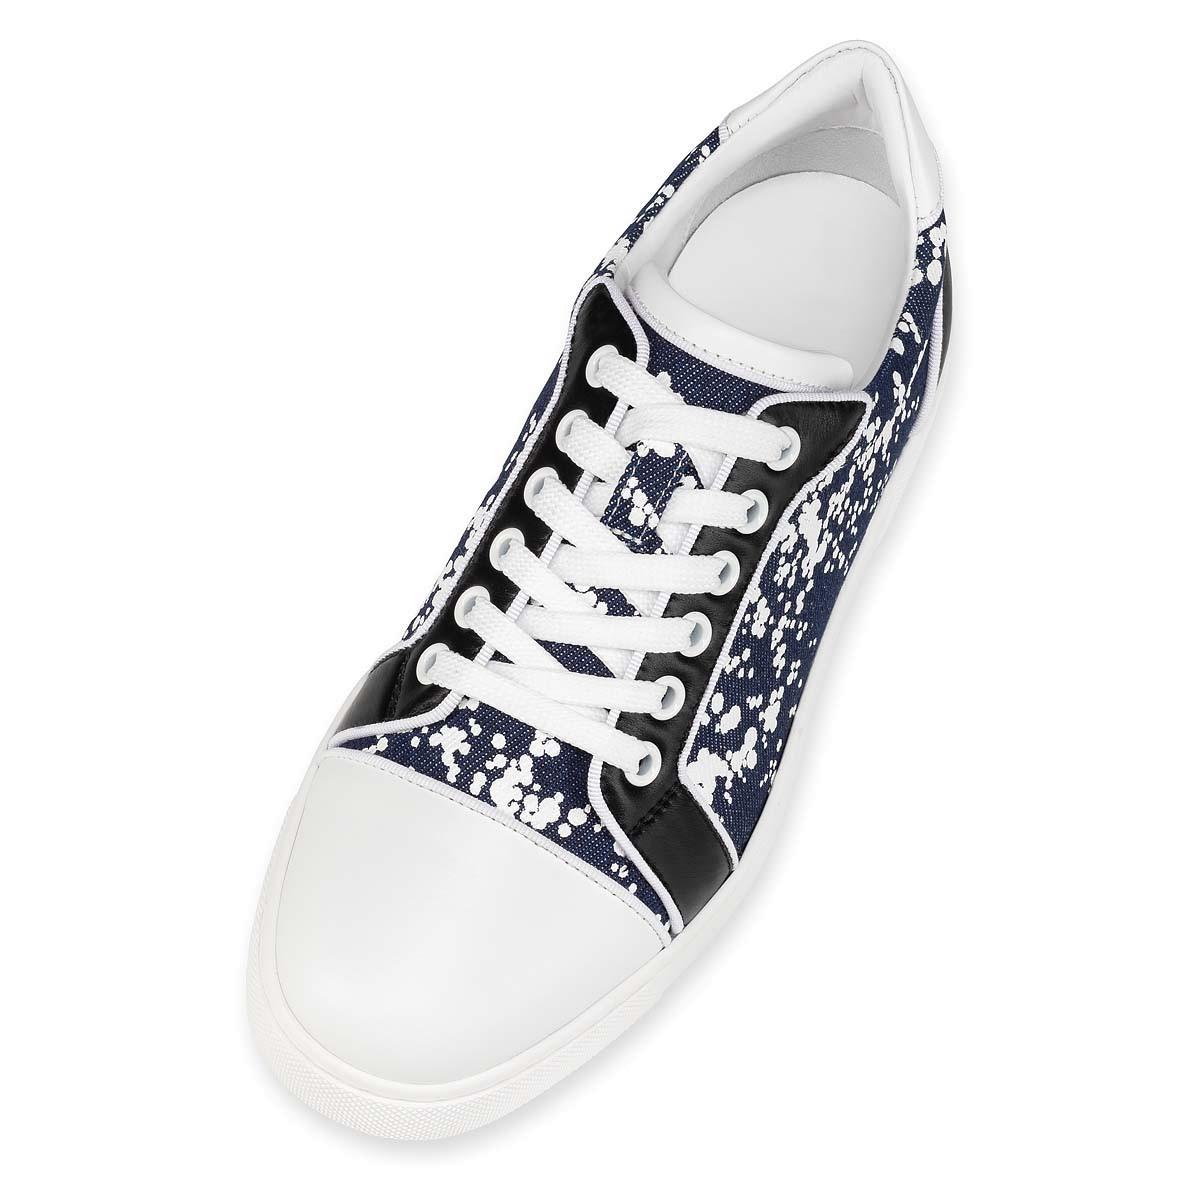 Shoes - Vieira Orlato Flat - Christian Louboutin